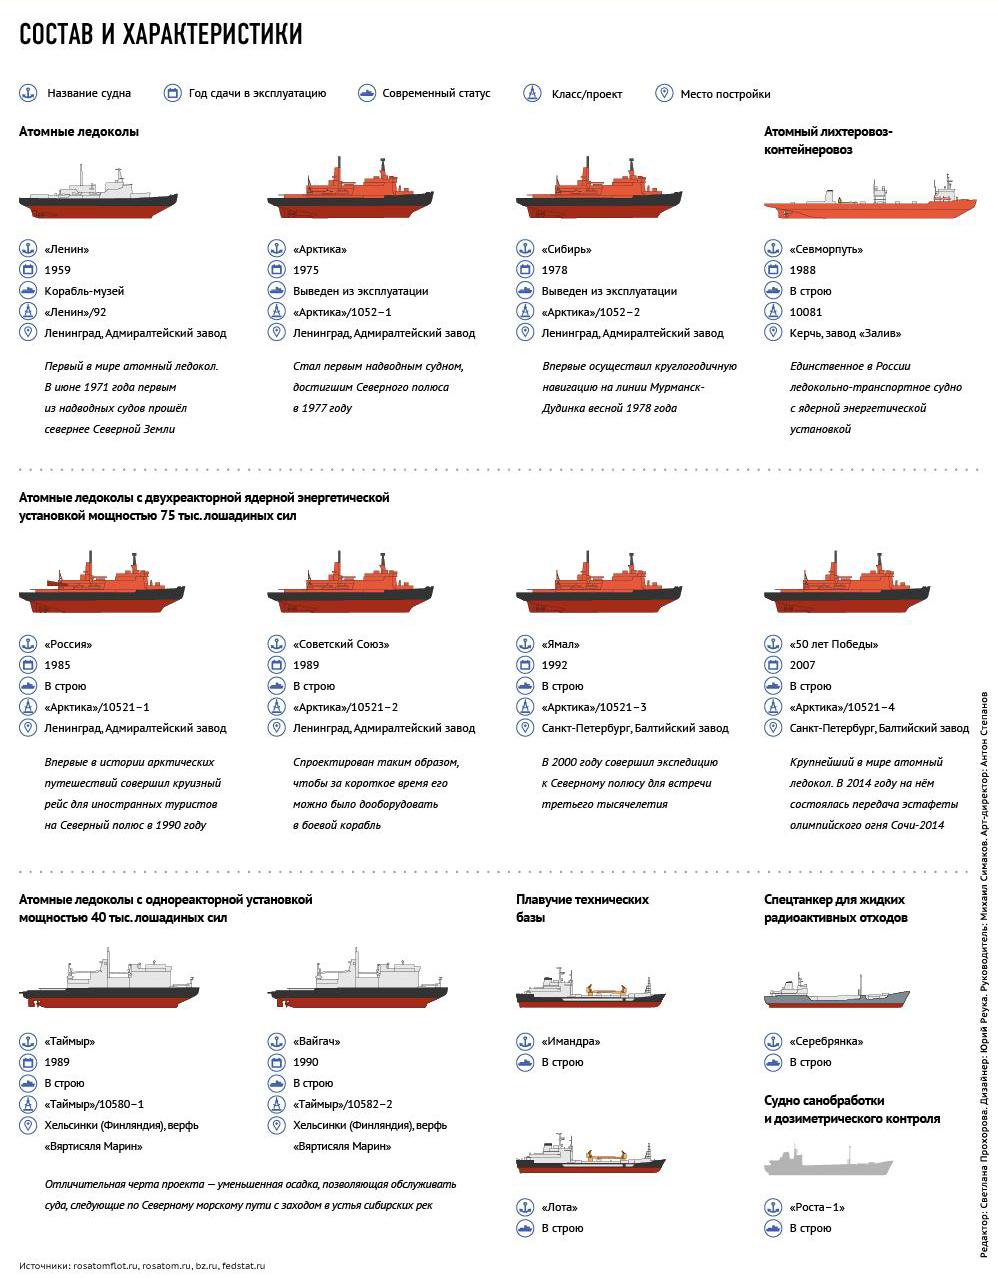 Появление его было продиктовано активным освоением районов Крайнего Севера. В Восточную и Западную Сибирь шло огромное количество оборудования для разработки нефтяных и газовых месторождений. Обратно, тоже в гигантских объемах, возвращались руда, лесоматериалы и другие природные ресурсы. Чтобы два эти потока циркулировали в Арктике постоянно, требовались ледоколы, способные совершать длительное автономное плавание по Северному морскому пути. Возможности атомных ледоколов были гораздо шире, чем у дизель-электрических. Во-первых, топливо у них не занимало огромных объемов в ущерб перевозимым грузам. Во-вторых, плавать до «дозаправки» ядерного реактора они могли сколь угодно долго — ресурс исчерпывался лишь запасами продовольствия и терпением экипажа. Что касается «Ленина», верой и правдой 30 лет прослужившего борьбе со льдами и ныне ставшего музеем самому себе, на его счету первая доставка и высадка зимовщиков на льдину; продленная навигация на трассе «Мурманск — Дудинка — Мурманск»; непрерывная эксплуатация длиной в год. Это единственный ледокол, на котором была заменена одна ядерная энергетическая установка на другую. Основу сегодняшнего ледокольного флота составляют ледоколы класса «Арктика». Шесть из девяти построенных атомных «ледорубов» относятся к этому классу. Они имеют двойной корпус (между ними расположены цистерны для водного баланса); могут находиться в автономном плавании до 8 месяцев.